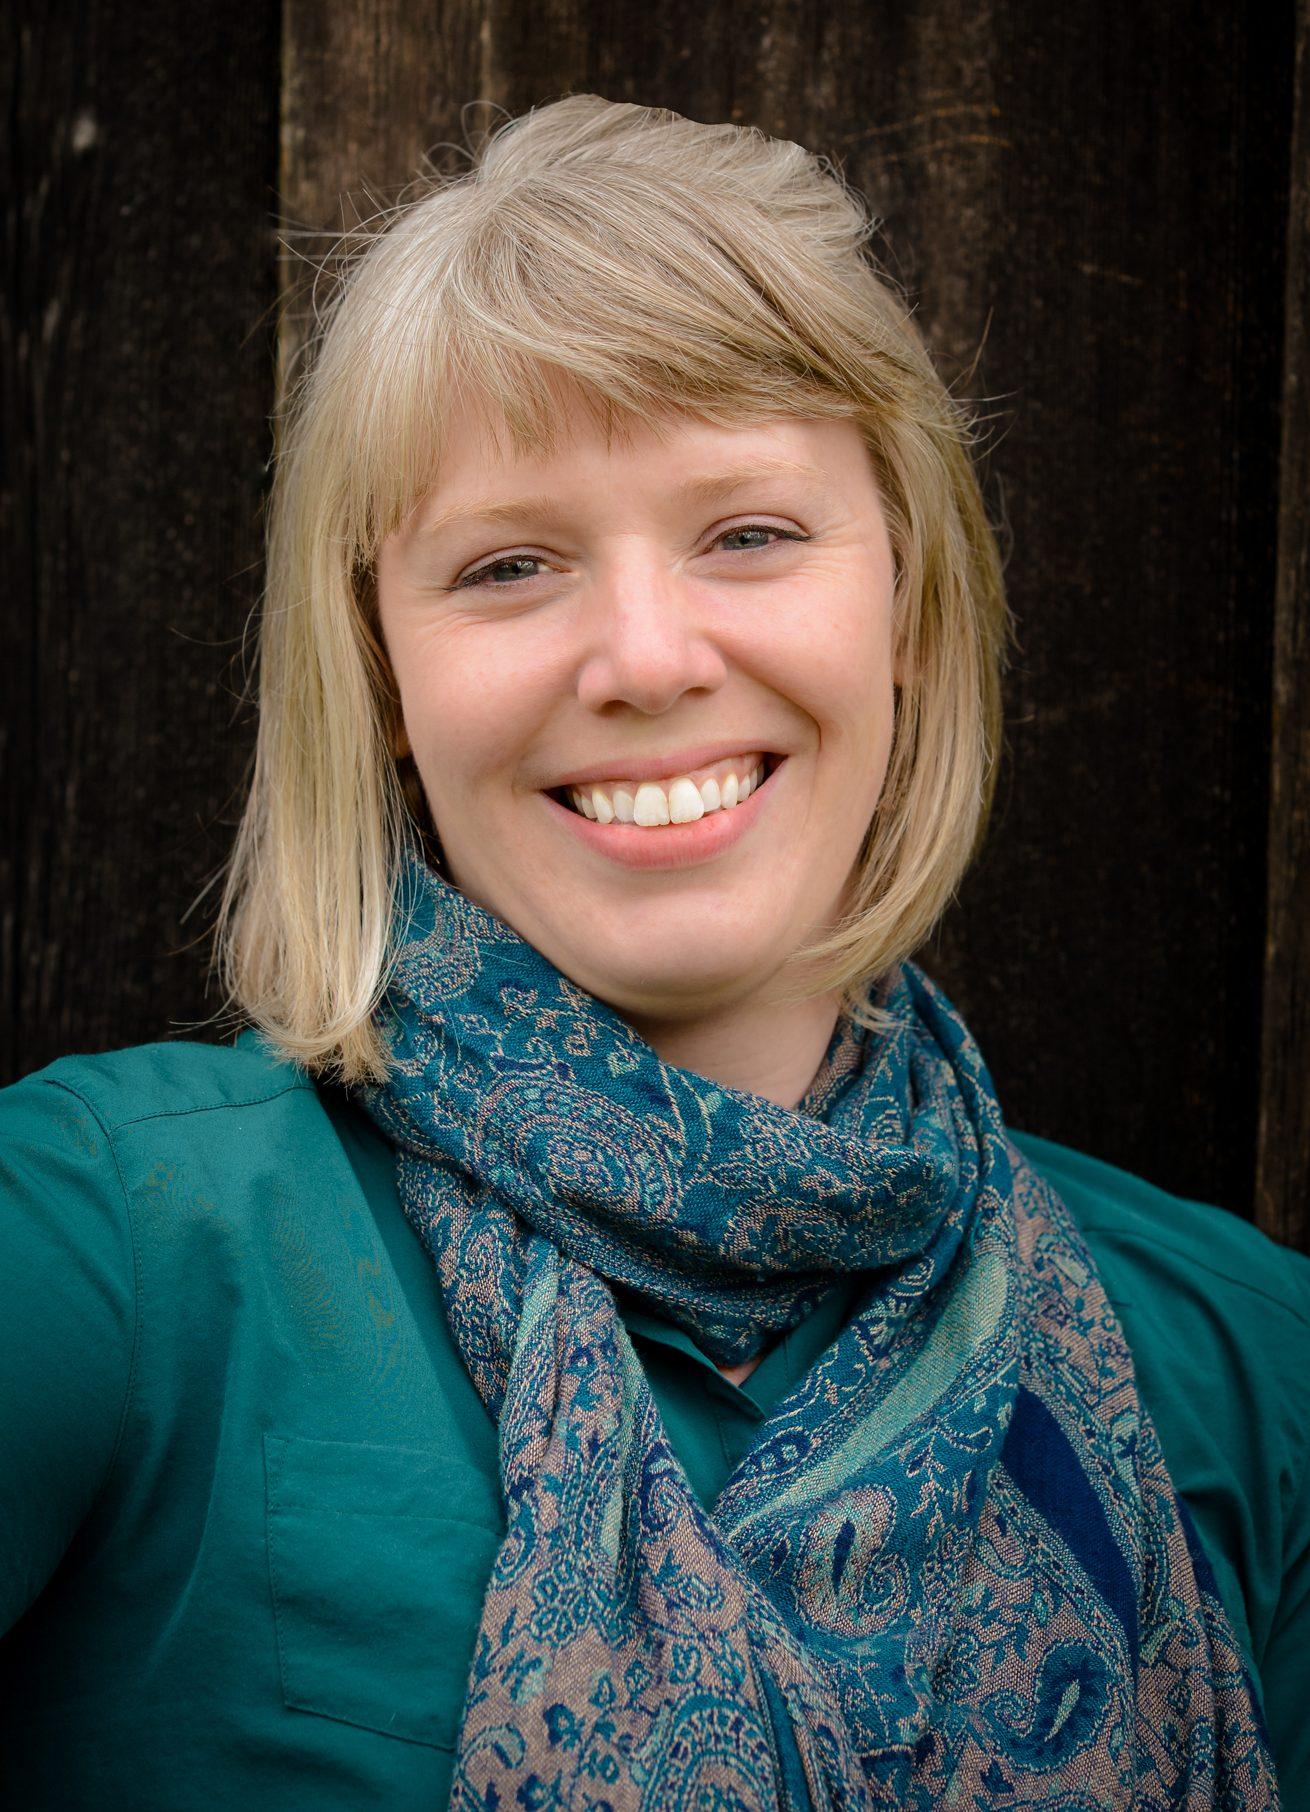 Sarah Goodin